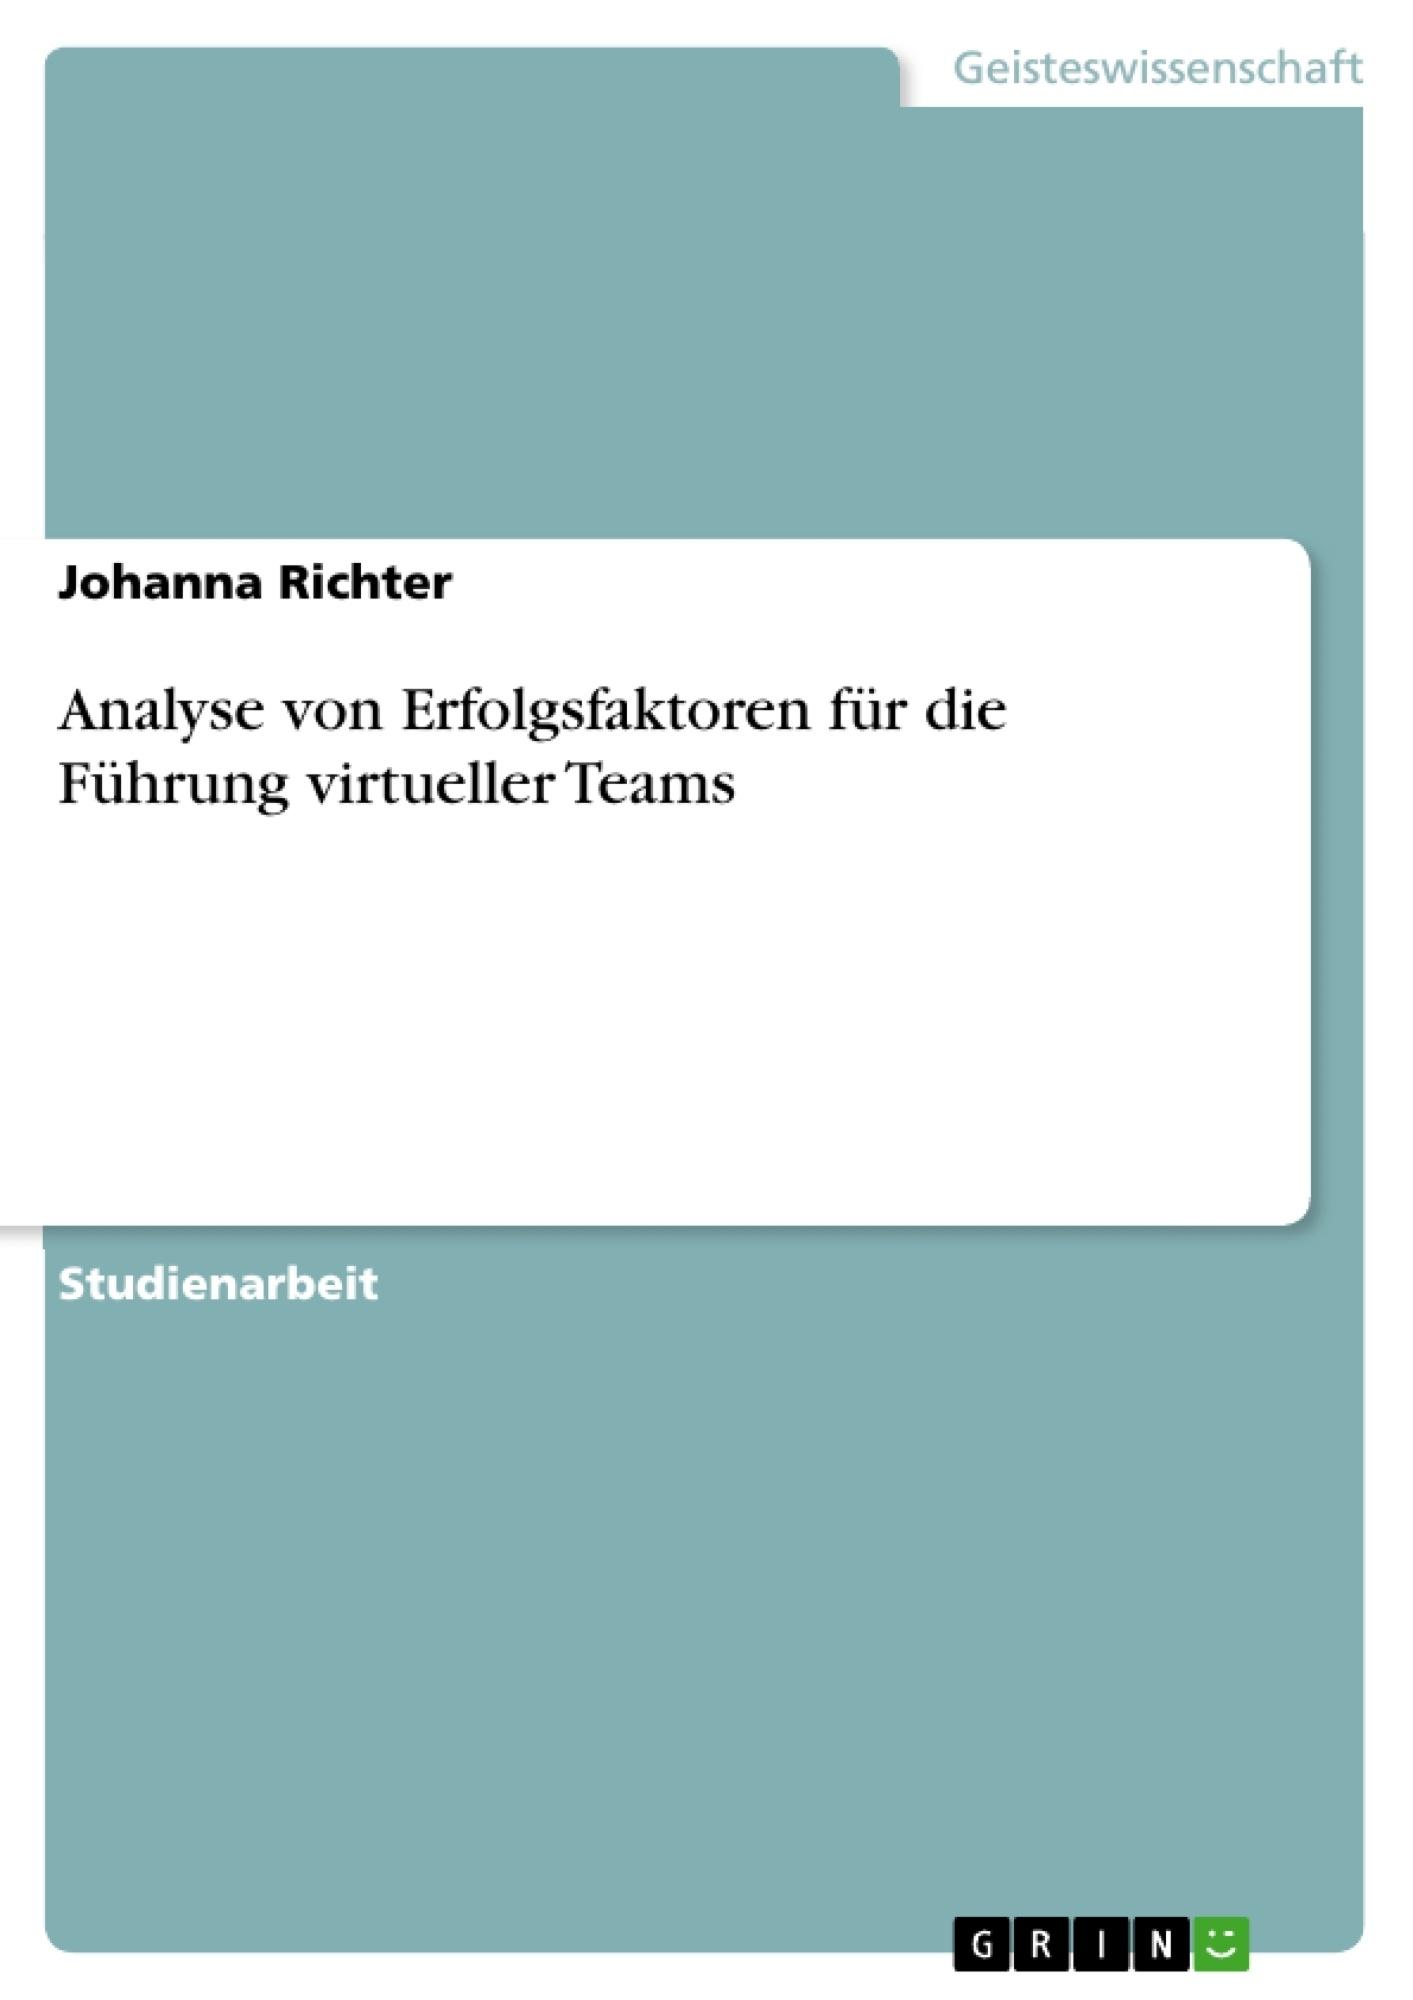 Titel: Analyse von Erfolgsfaktoren für die Führung virtueller Teams